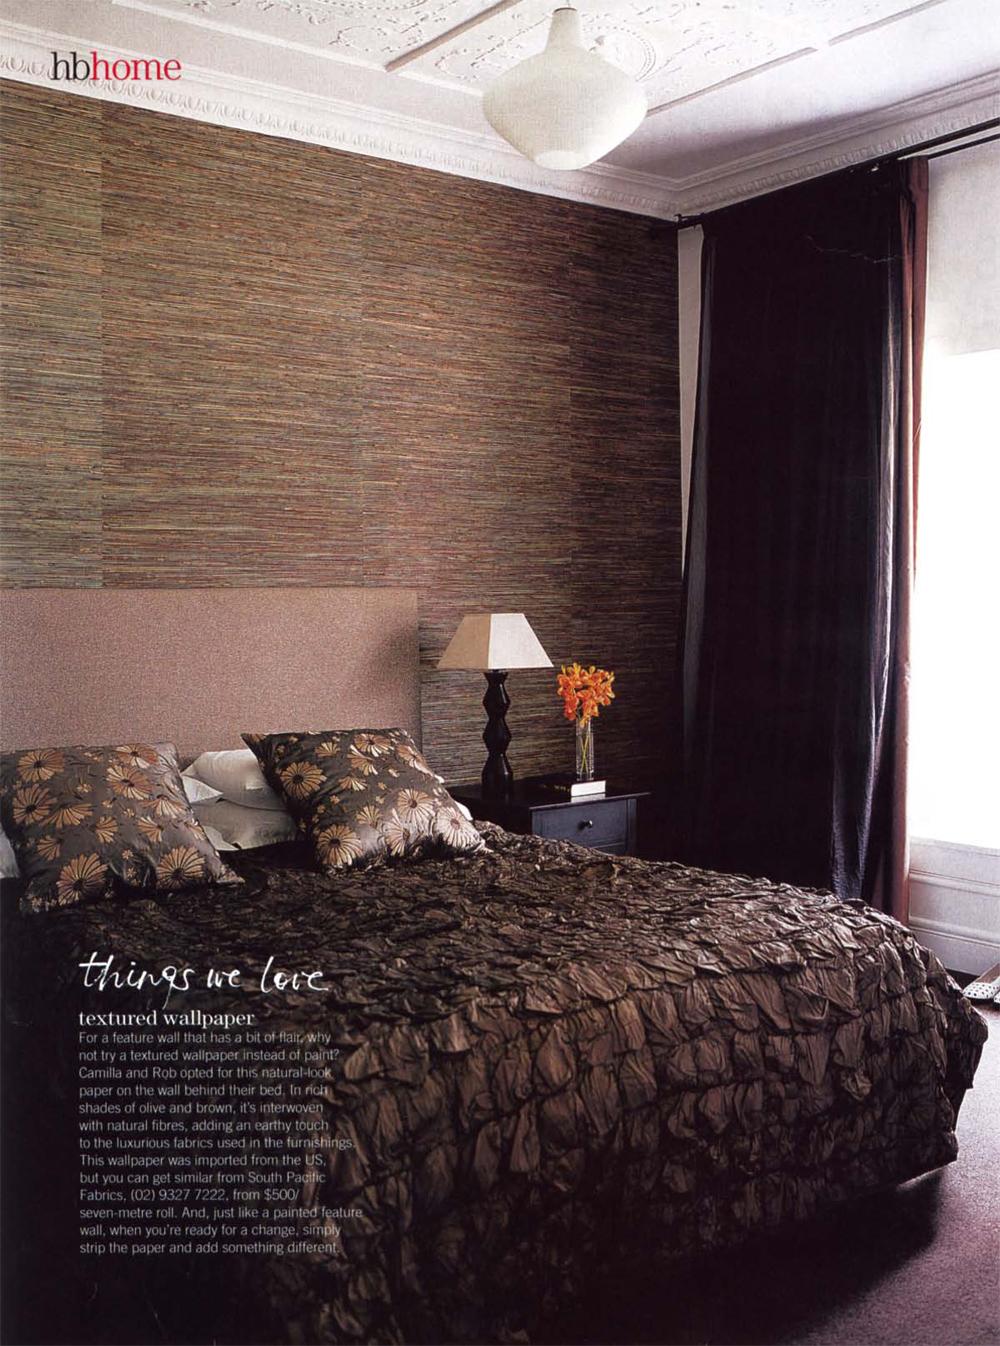 Home_Beautiful_June04_article1-6.jpg